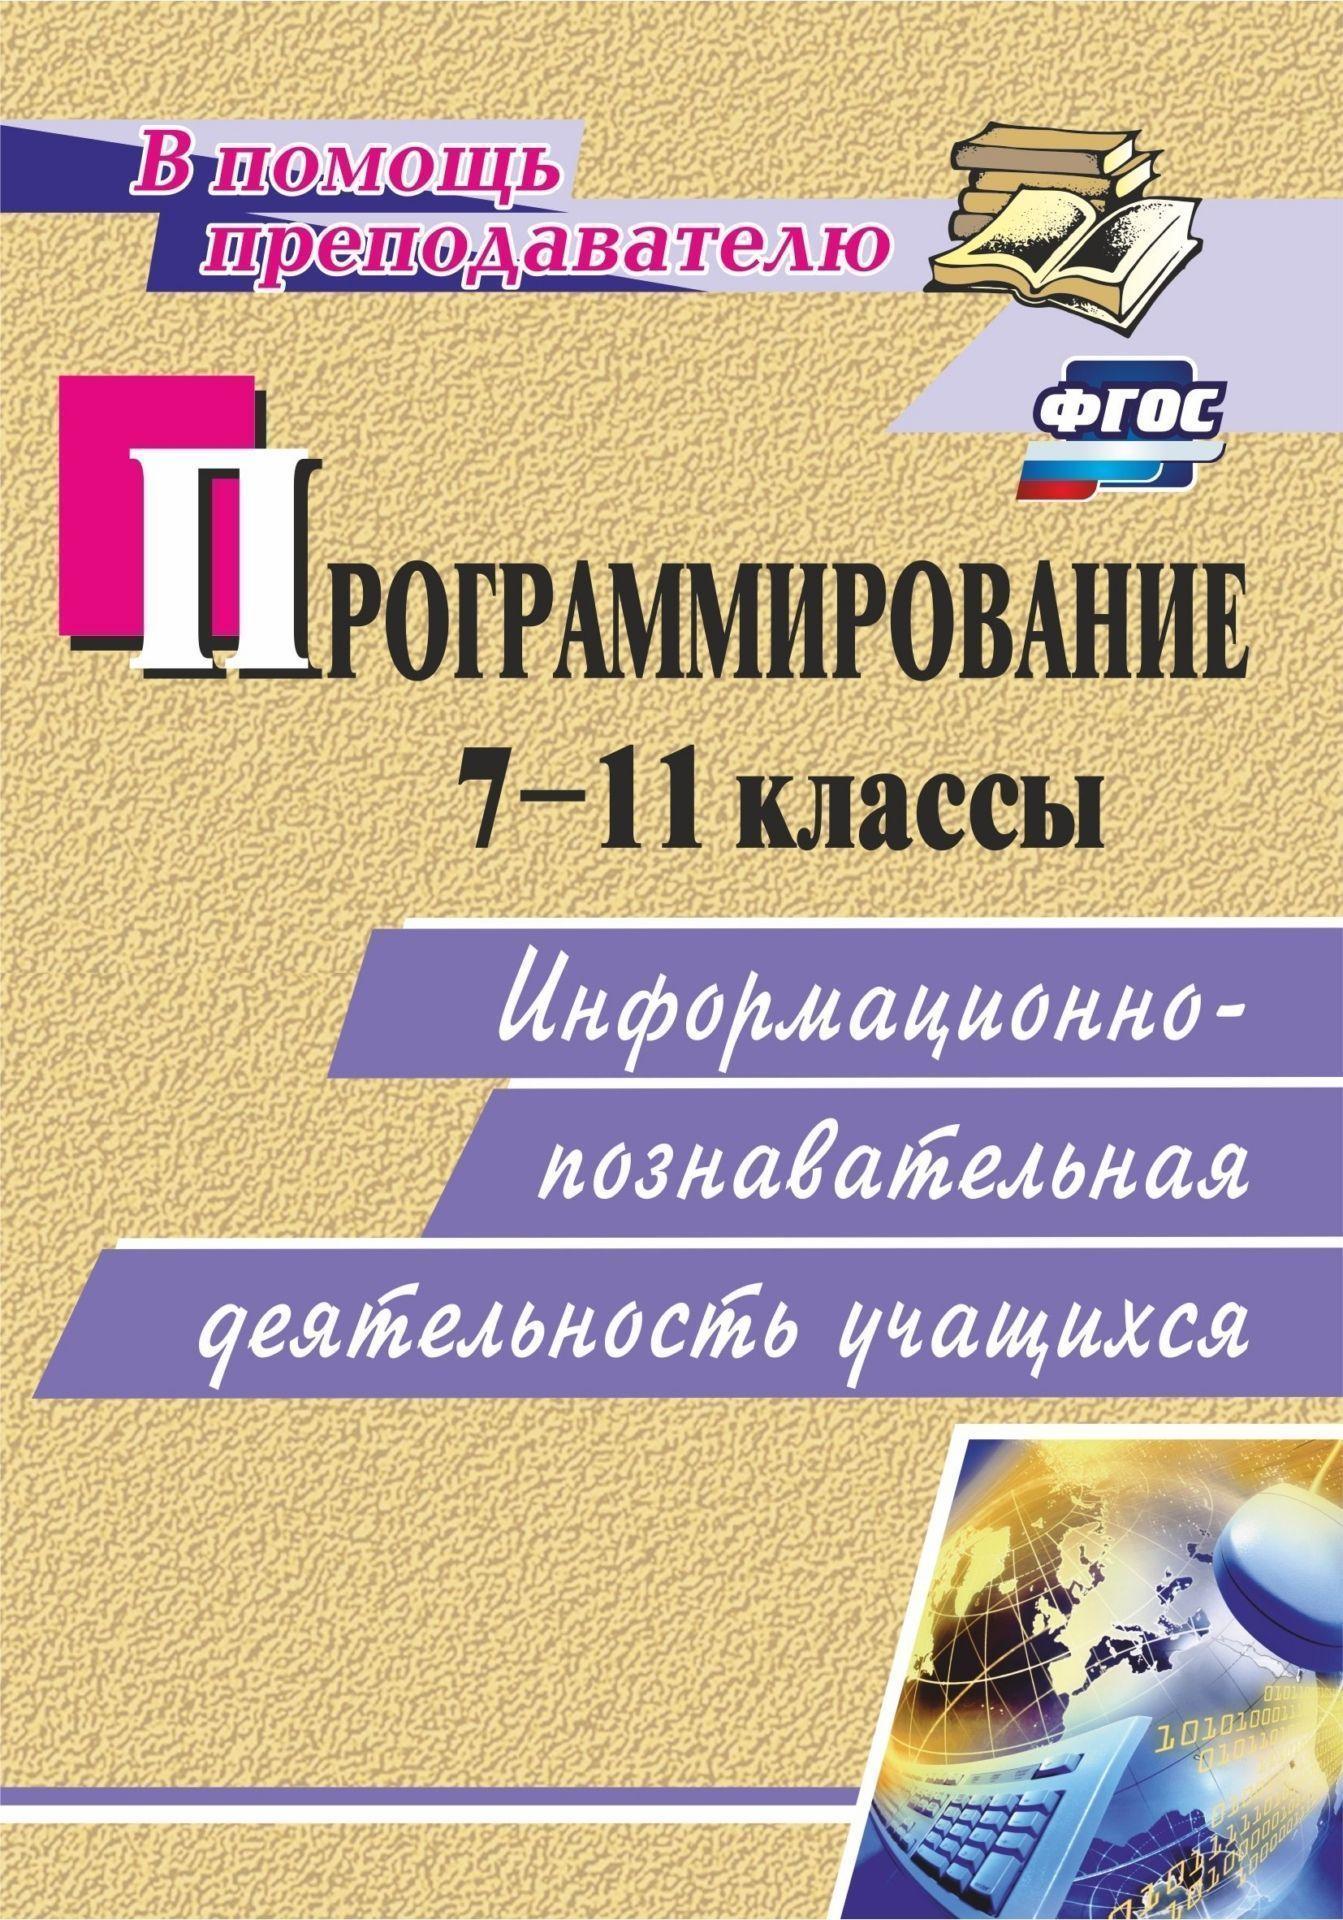 Программирование. 7-11 классы: информационно-познавательная деятельность учащихся